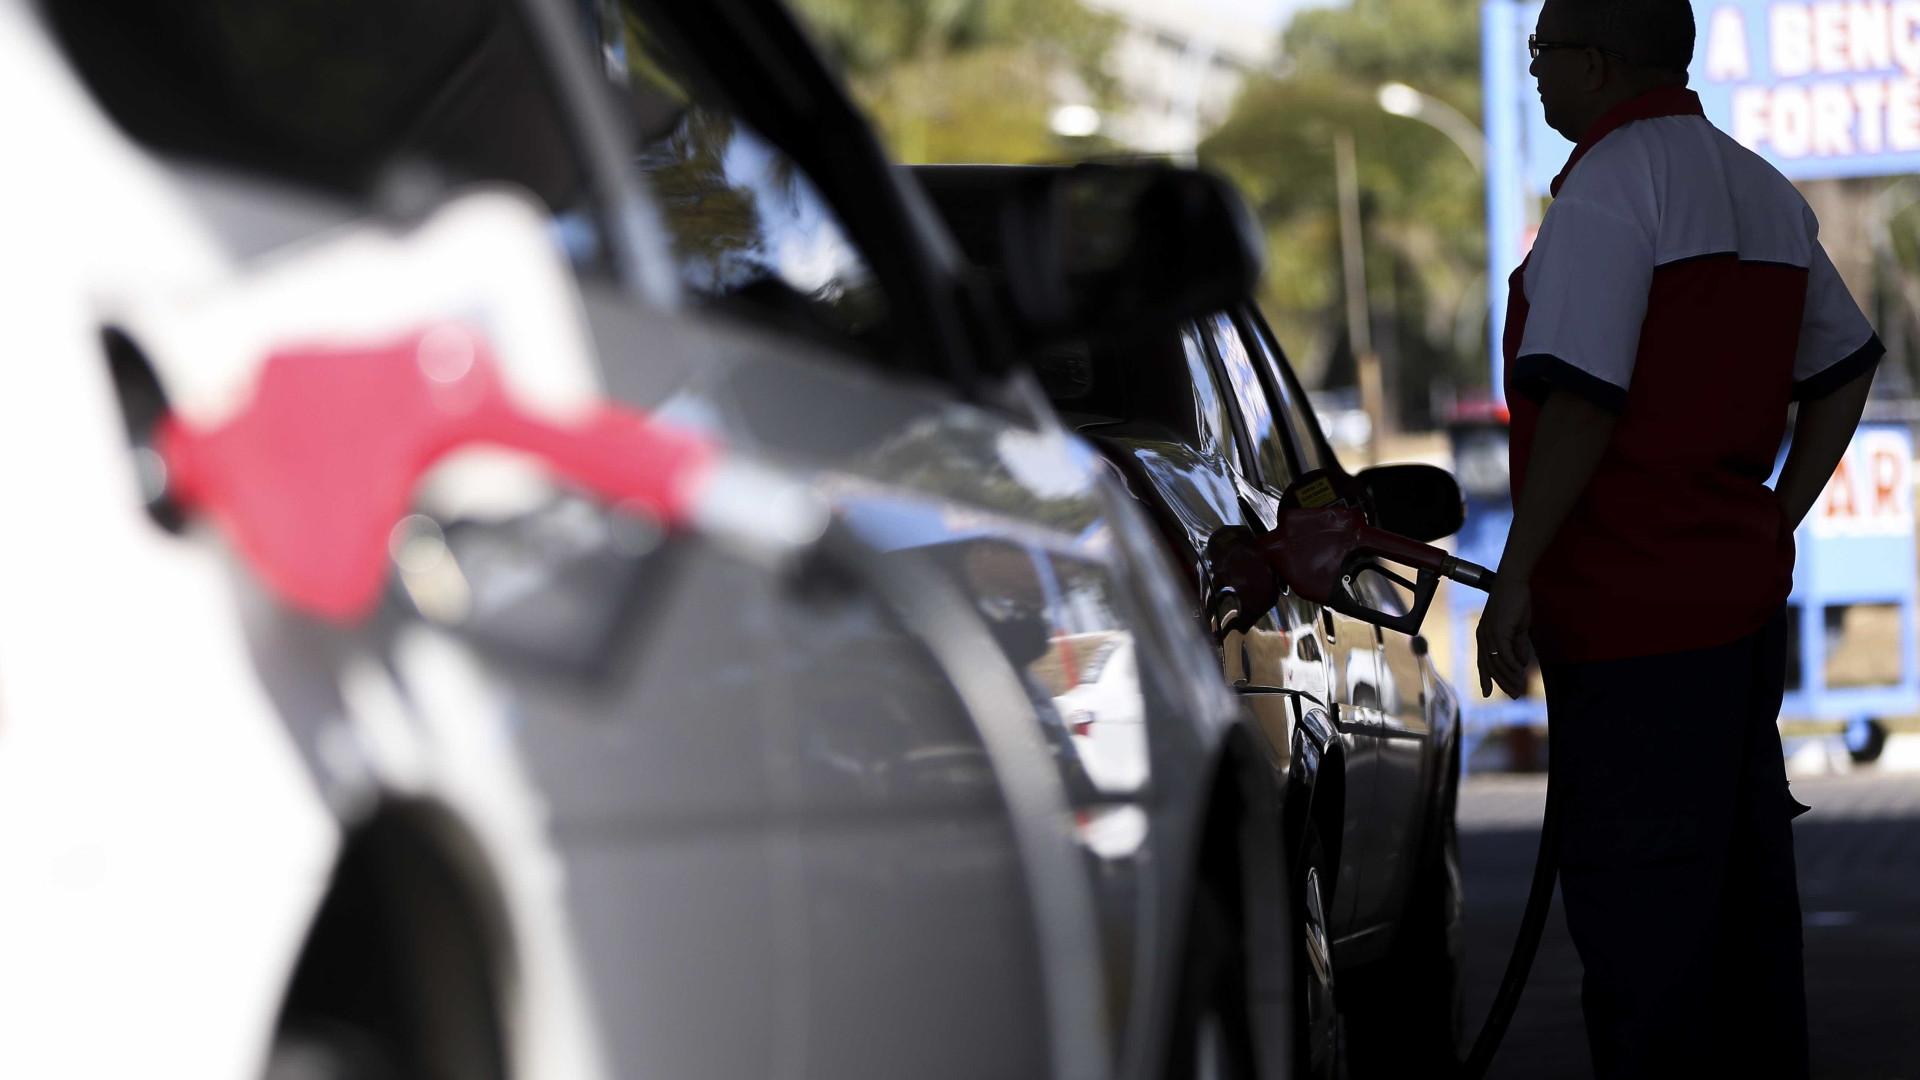 Preço médio do etanol sobe na semana em 15 Estados e no DF